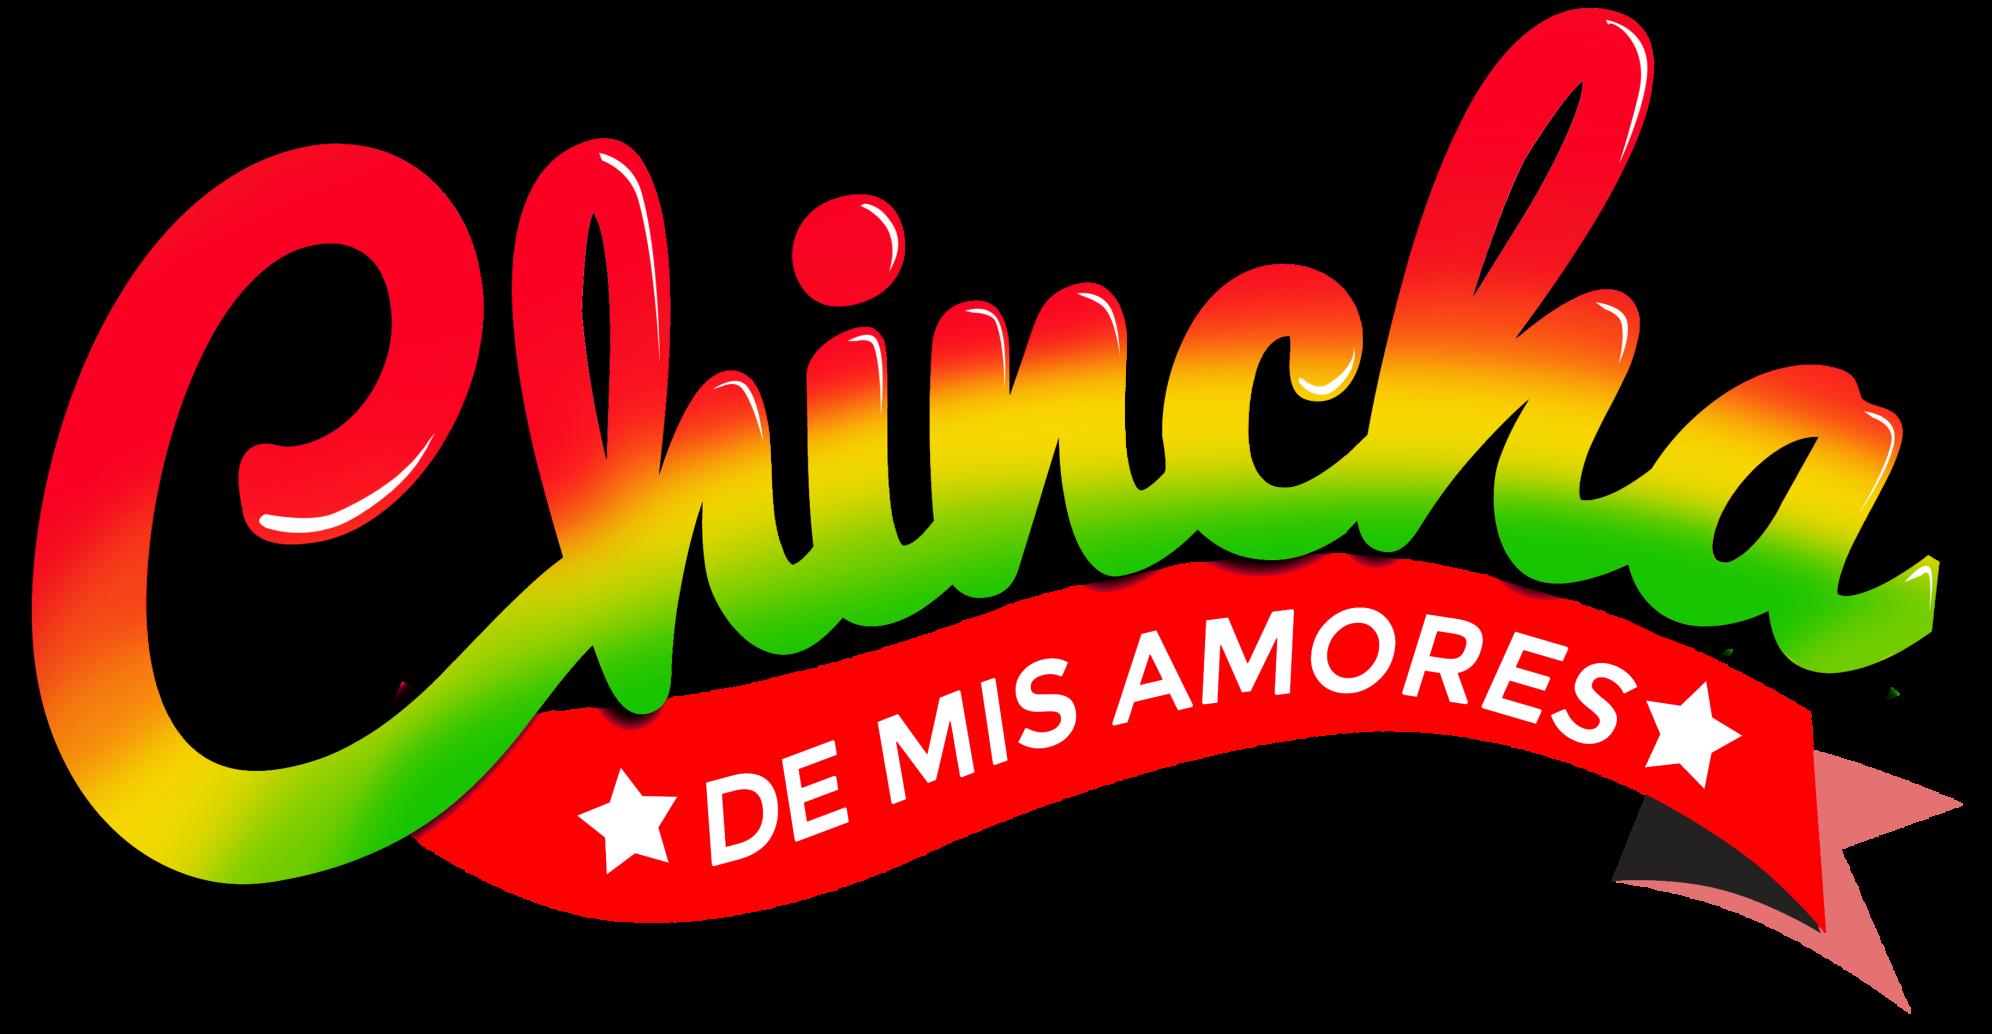 Chincha de mis Amores